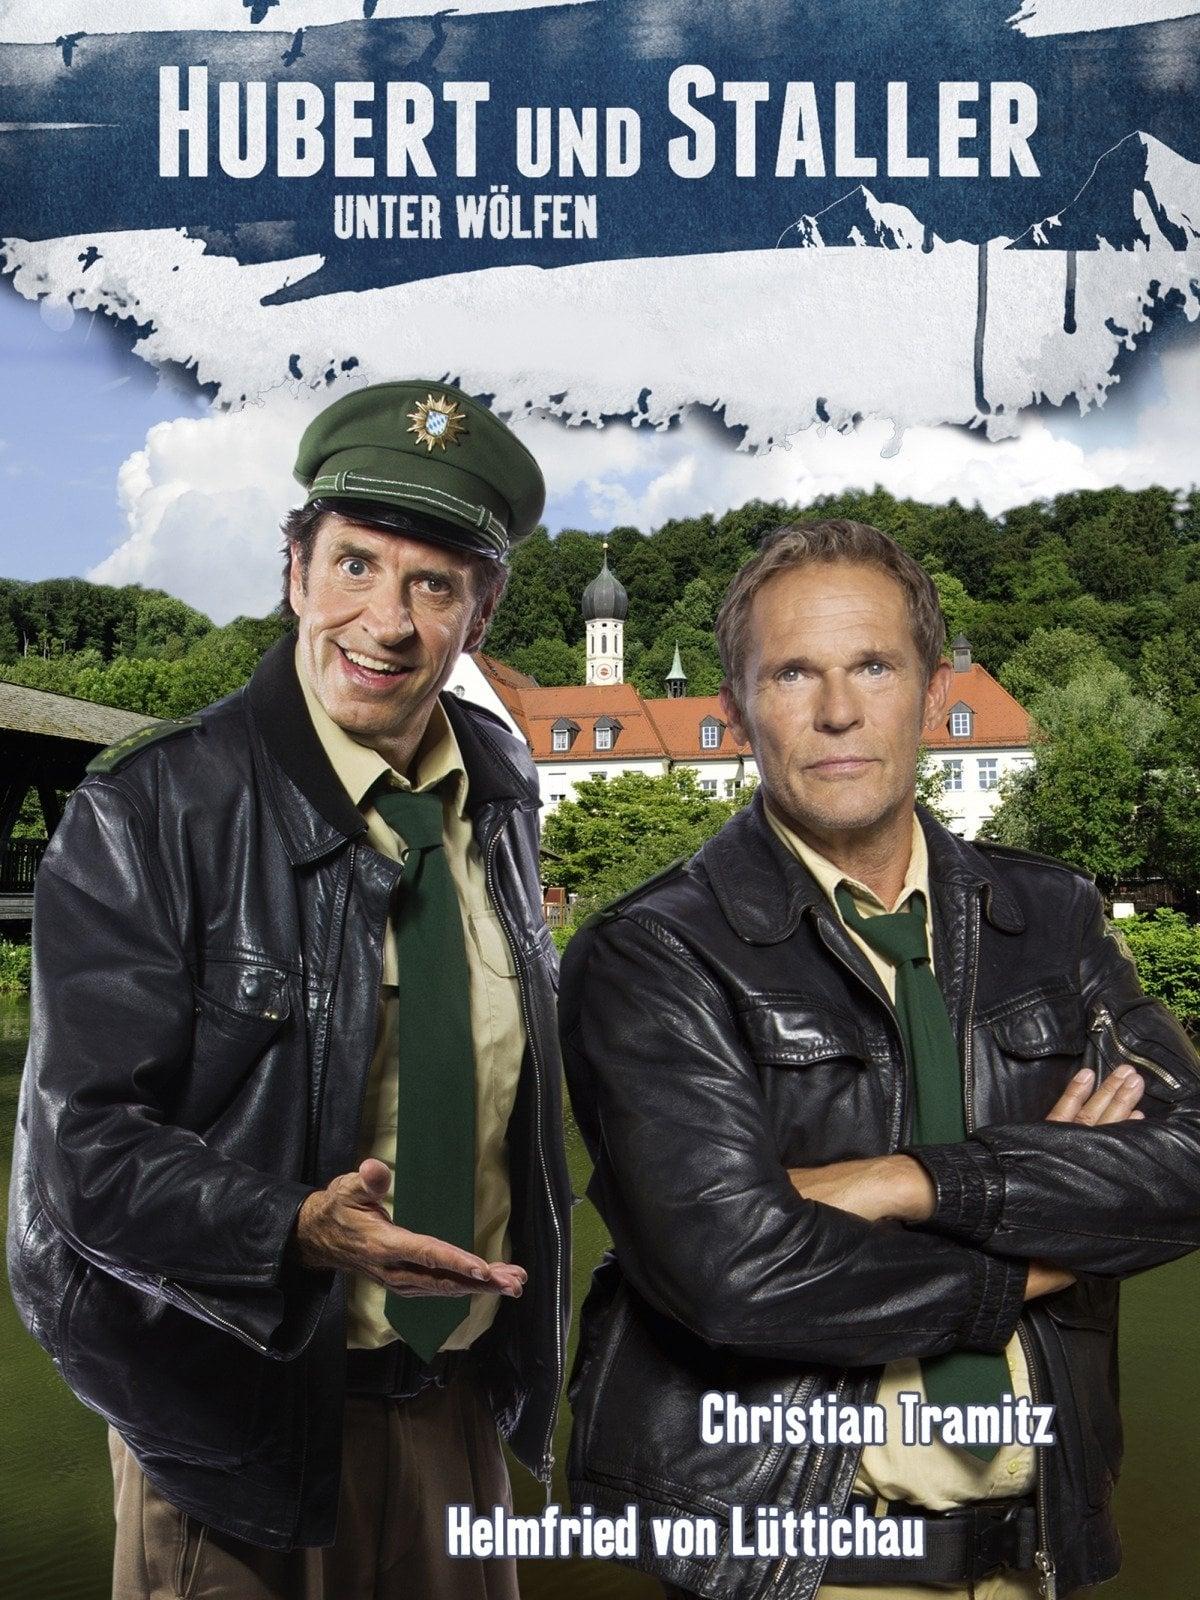 Hubert und Staller - Unter Wölfen